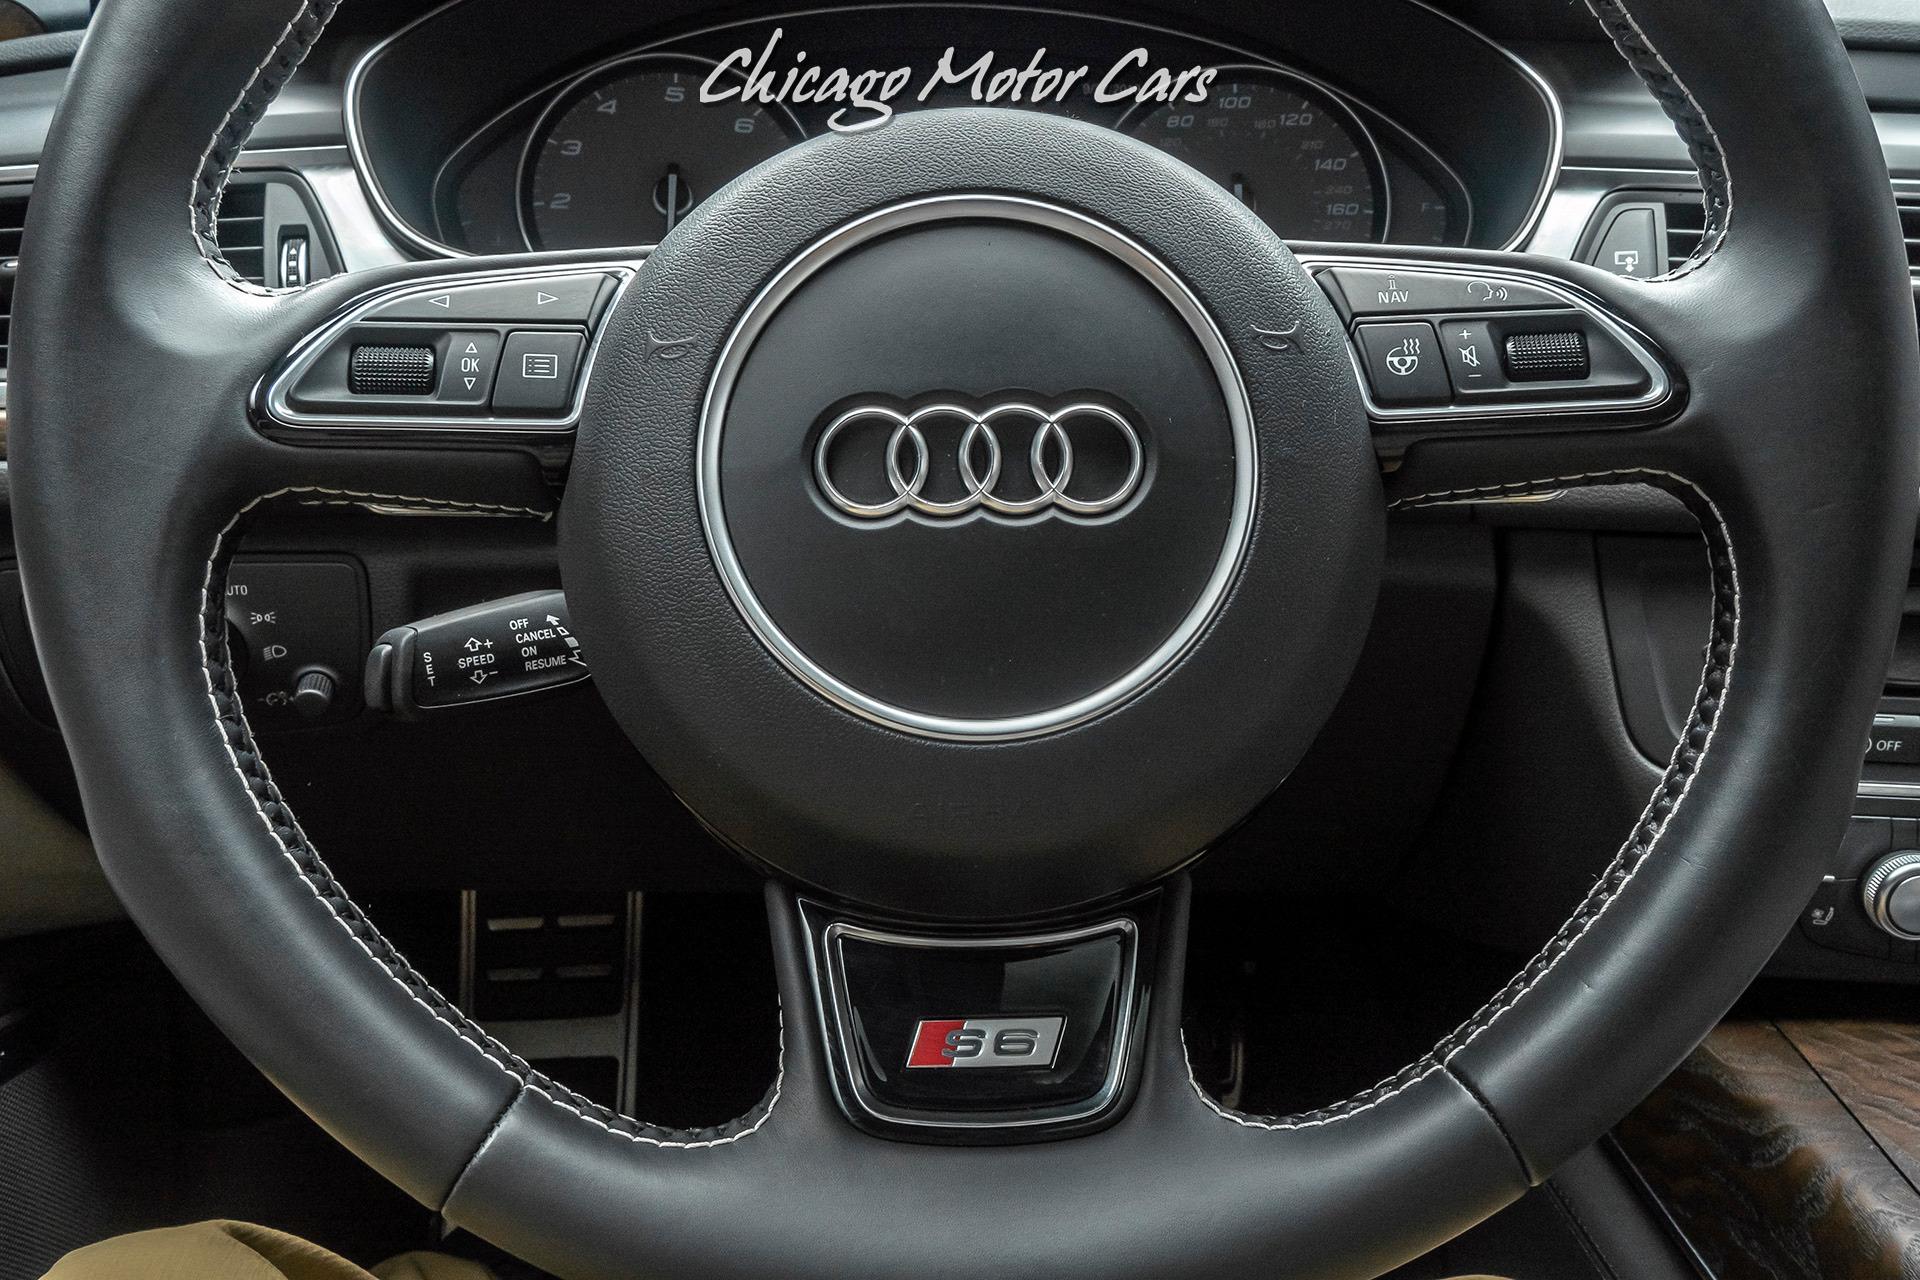 Used-2016-Audi-S6-40T-quattro-Premium-Plus-Sedan-MSRP-80K-SPORT-PACKAGE